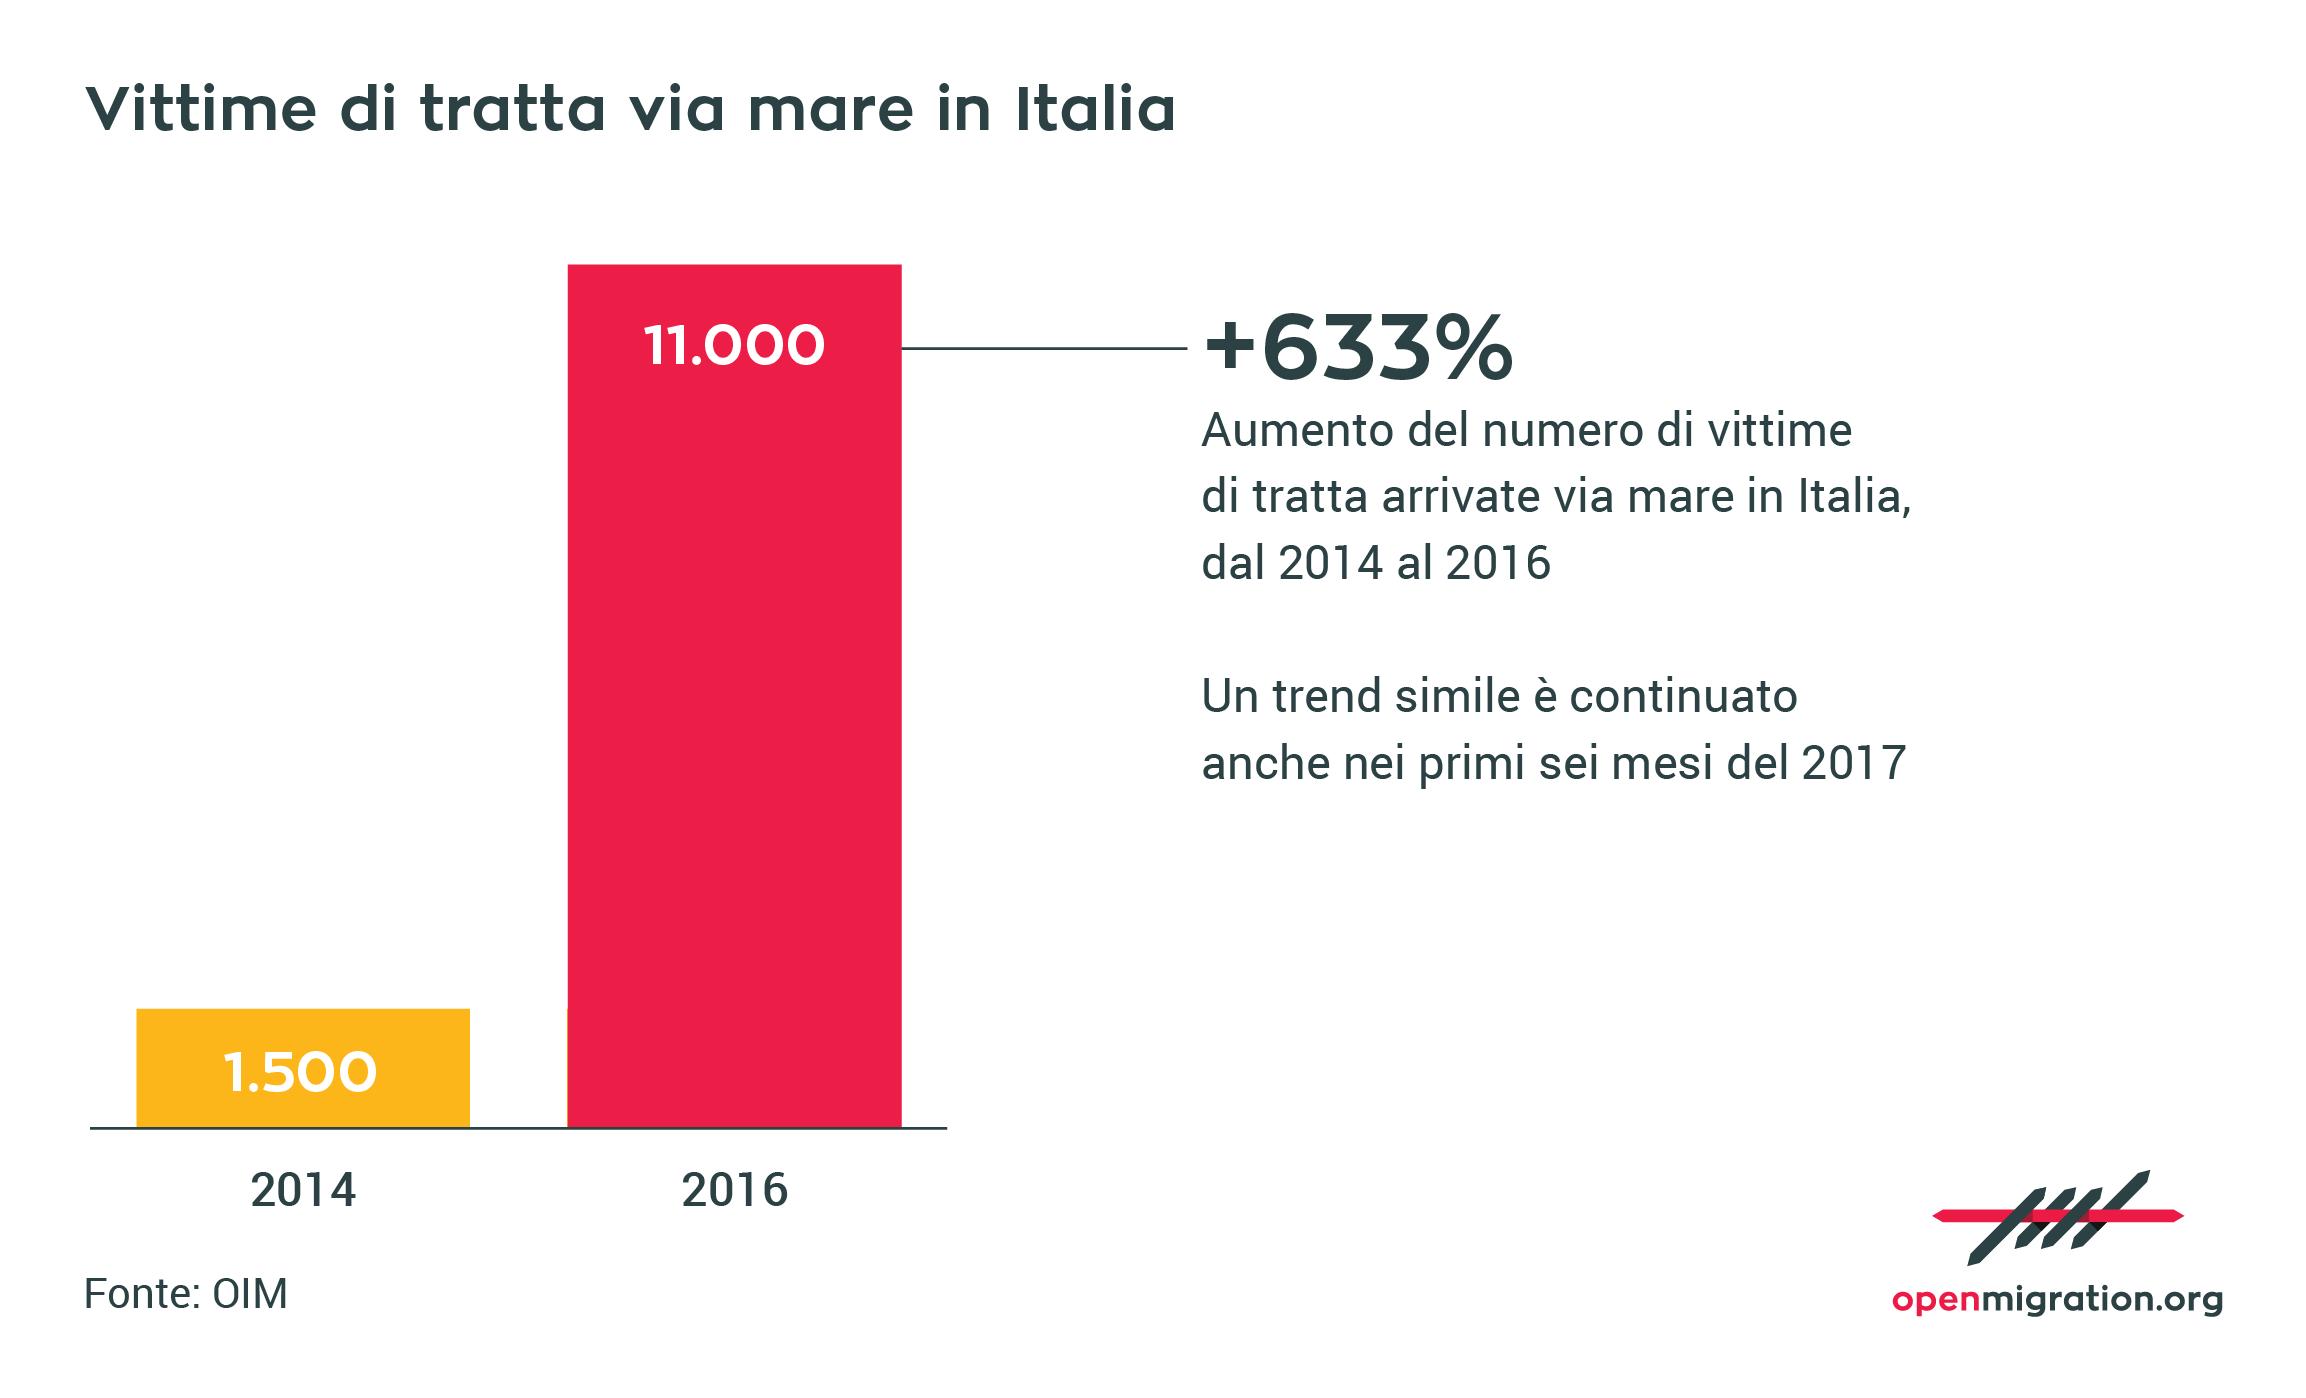 Vittime di tratte arrivate via mare in Italia, 2016